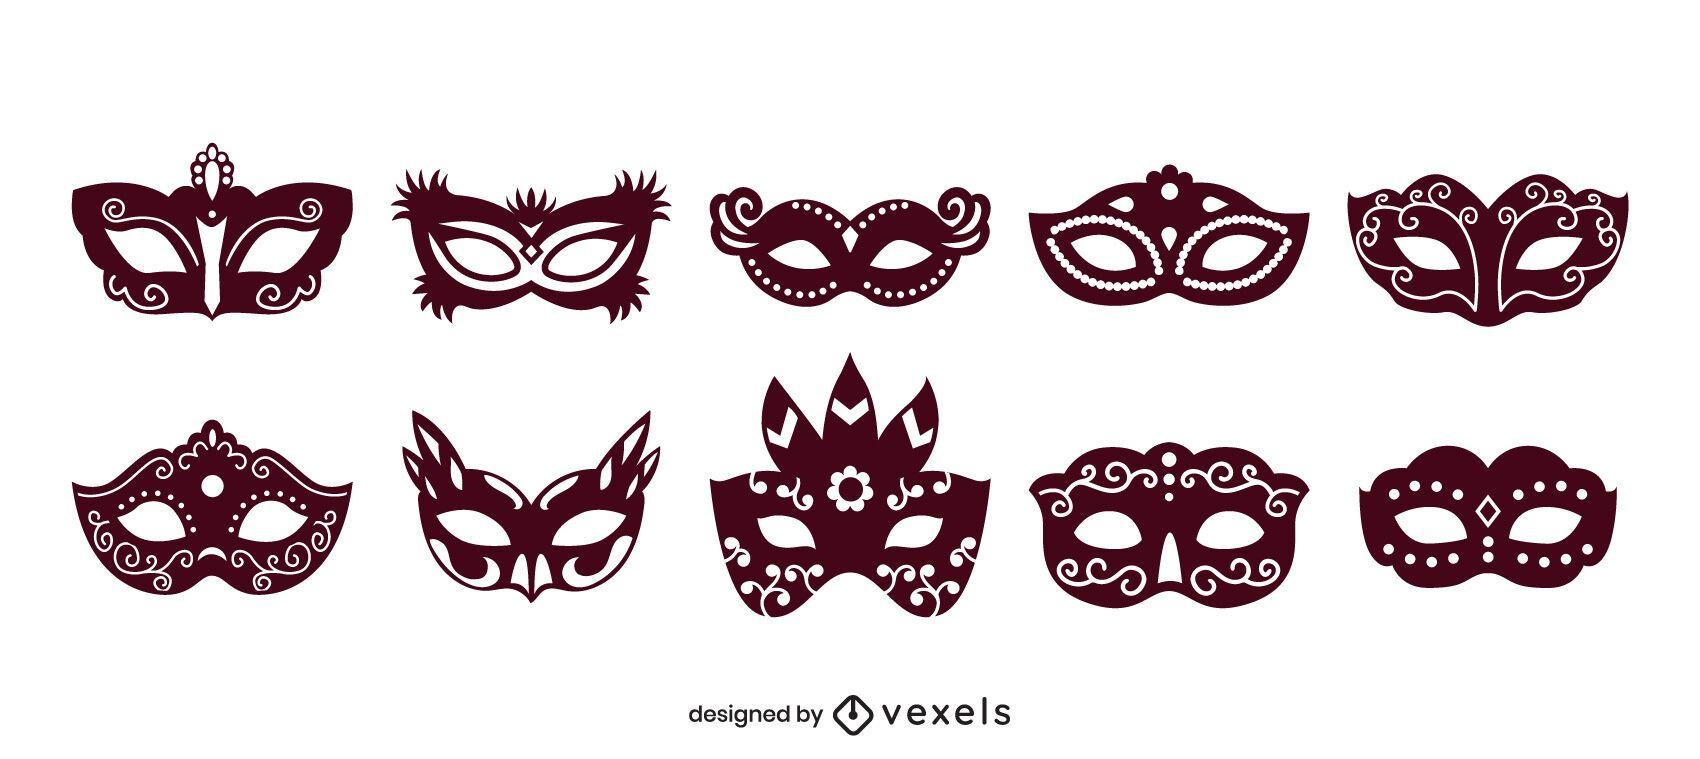 Juego de relleno sólido de máscara de carnaval